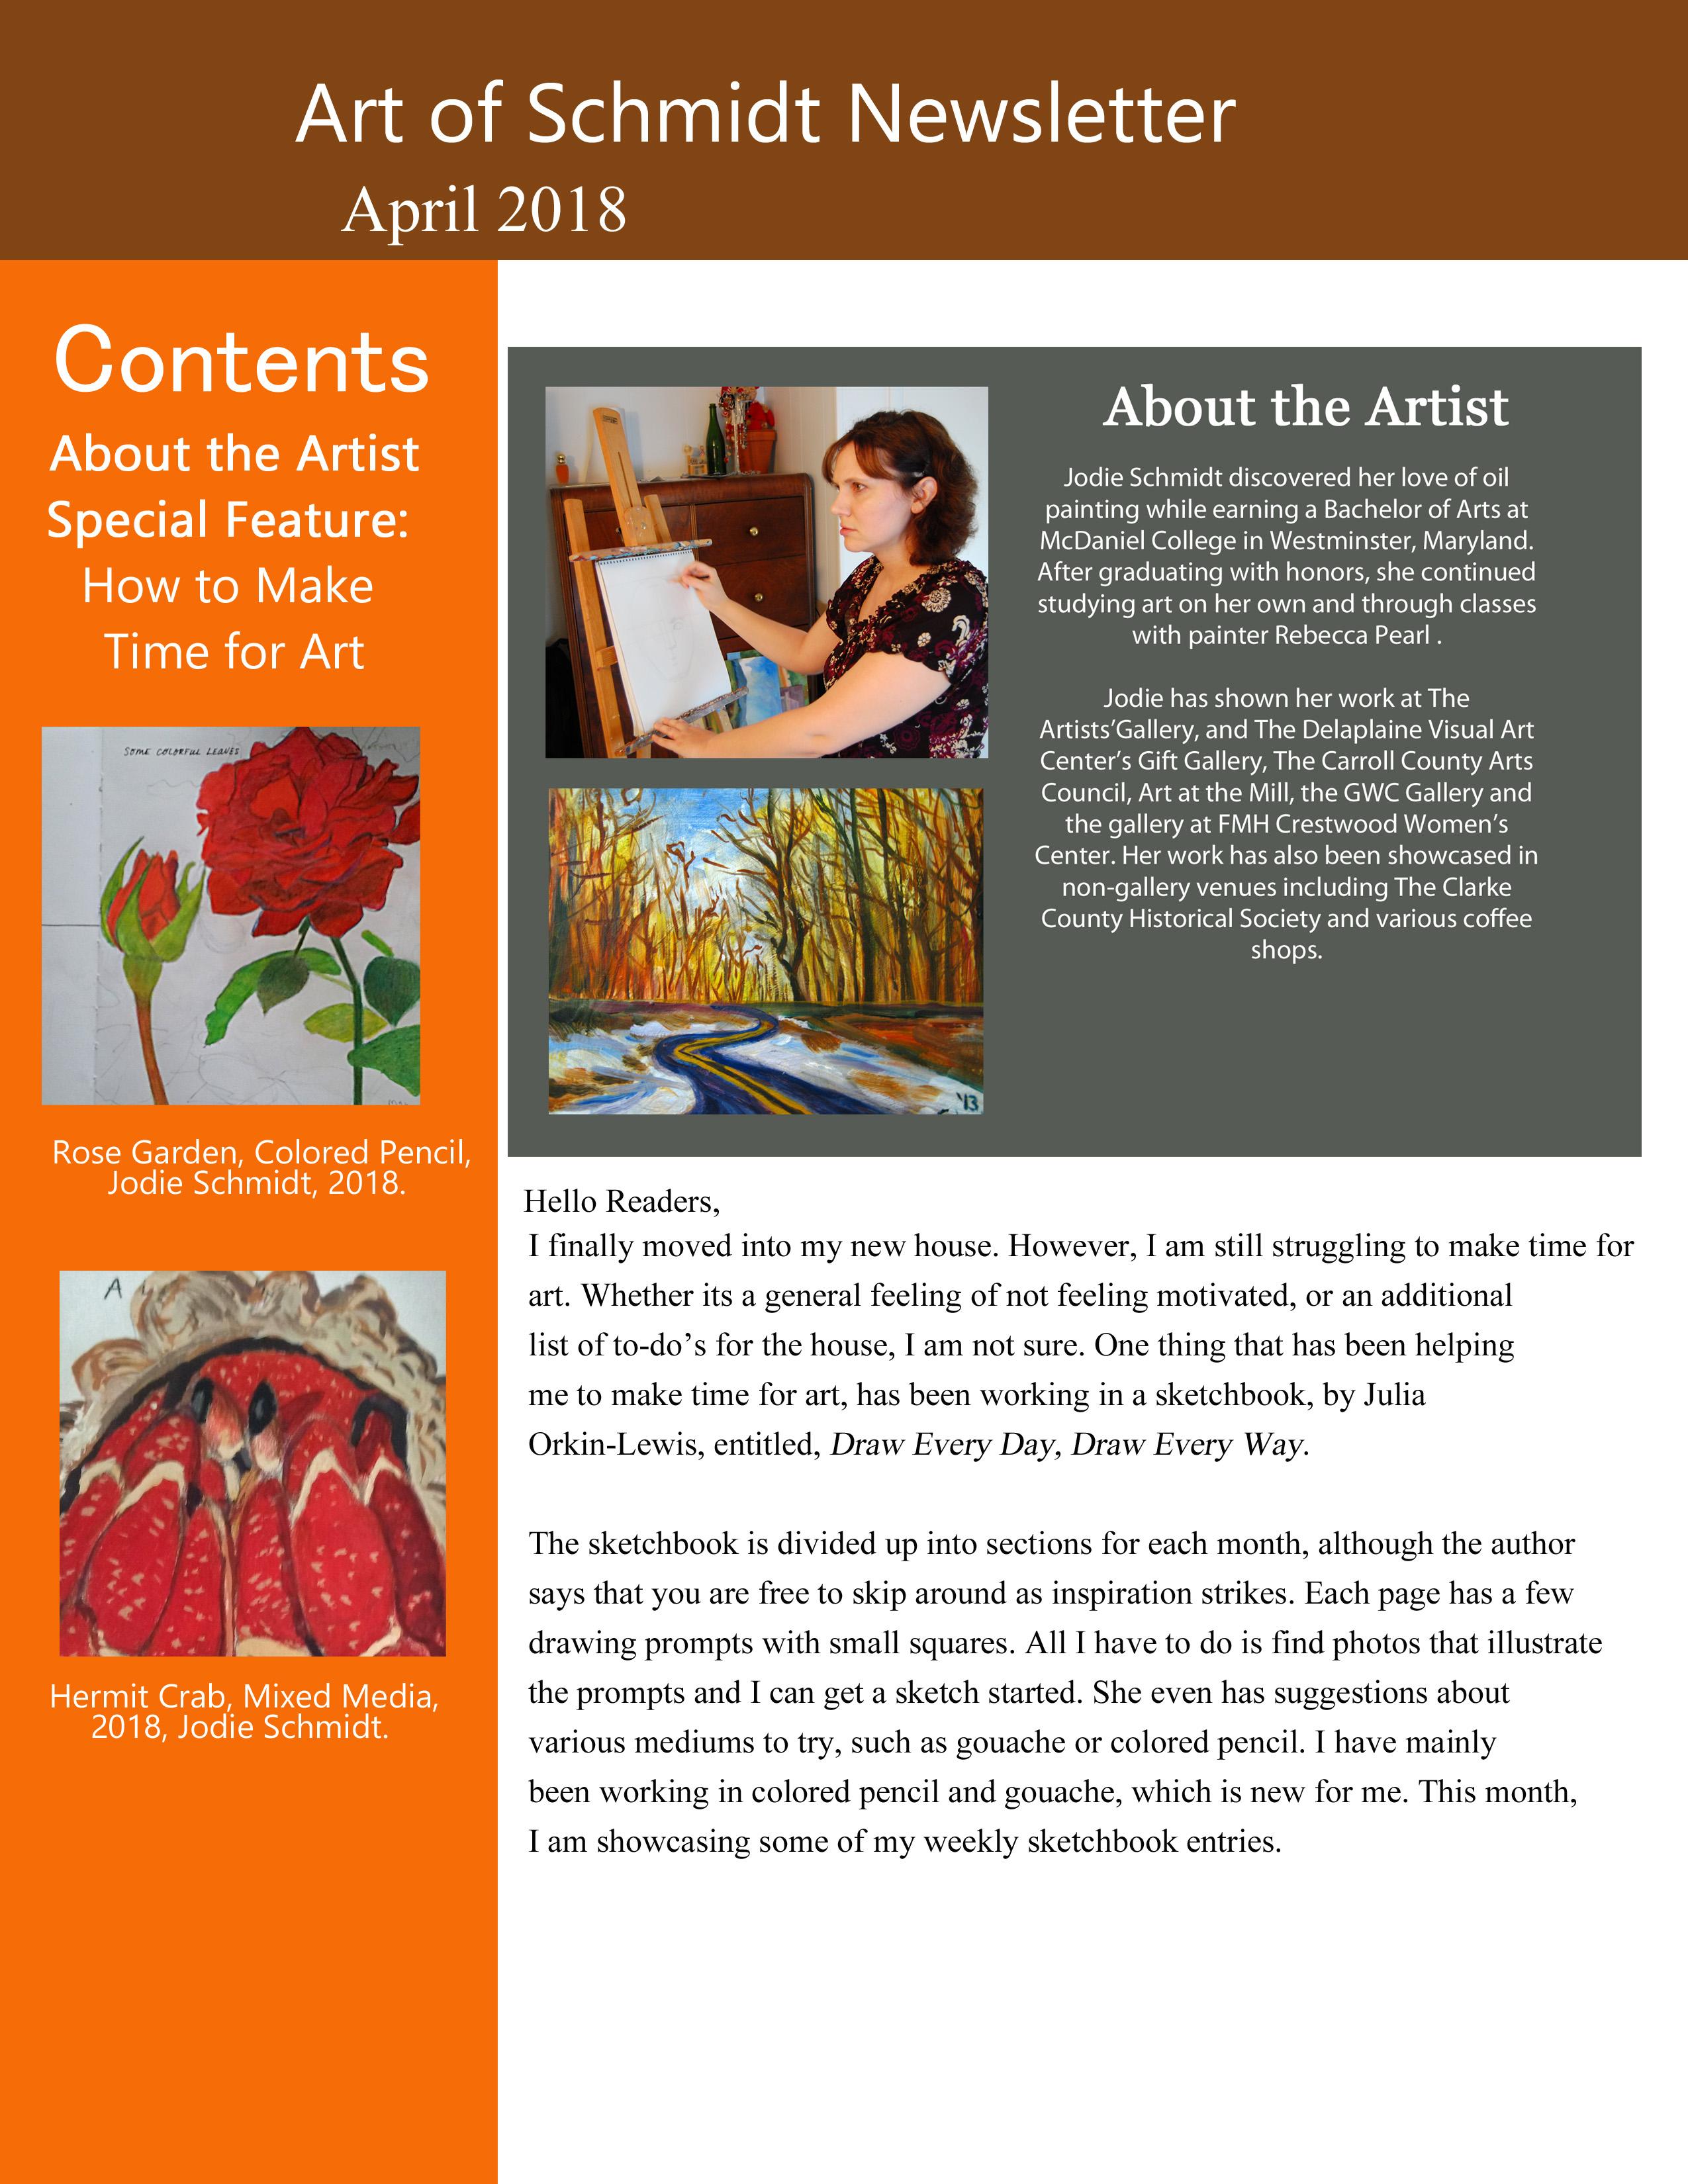 Art of Schmidt Newsletter, May, final